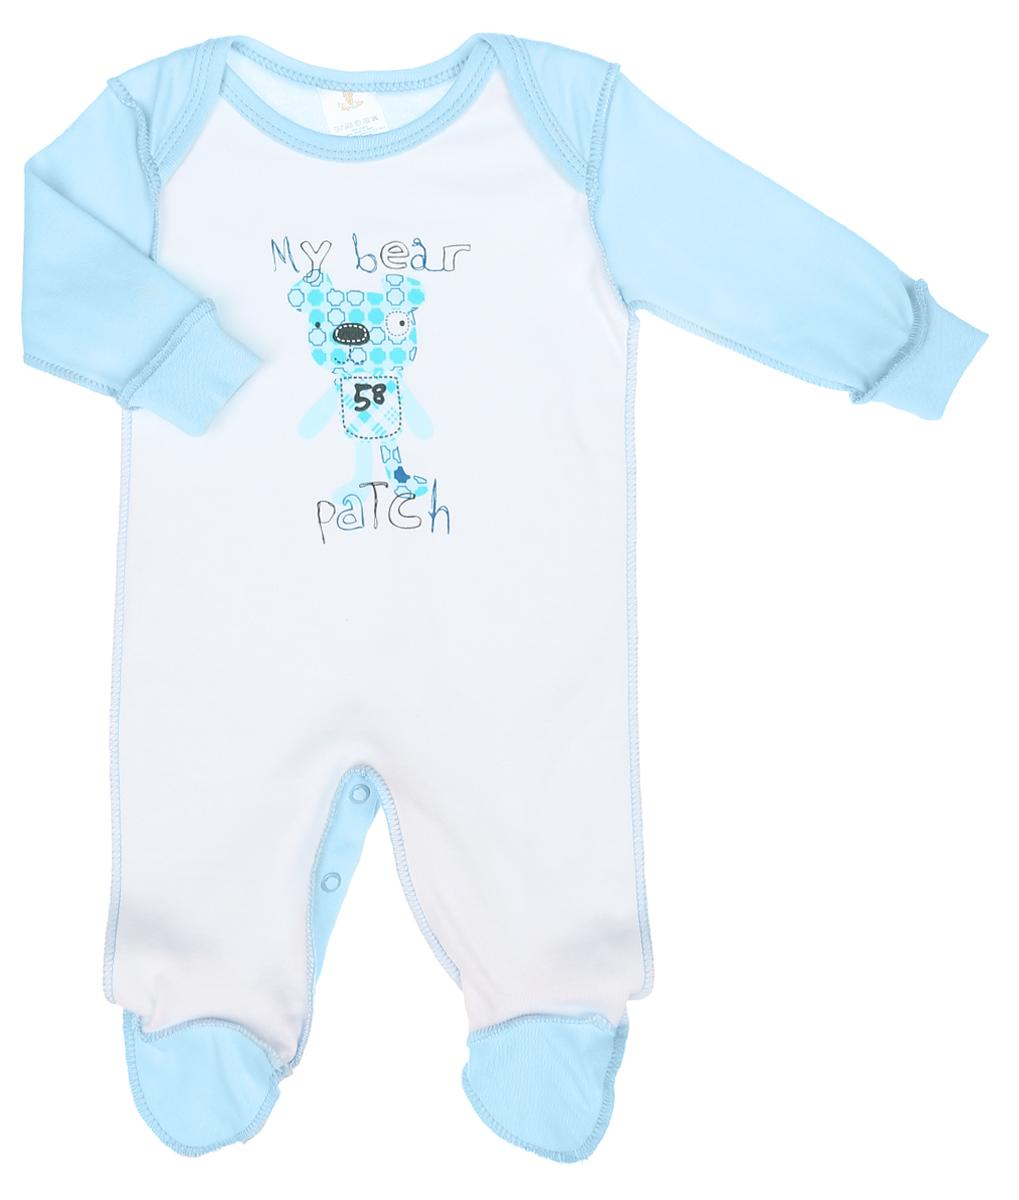 Комбинезон для мальчика КотМарКот Мишка, цвет: голубой, белый. 3656. Размер 68, 3-6 месяцев3656Детский комбинезон для мальчика КотМарКот Мишка - очень удобный и практичный вид одежды для малышей. Комбинезон выполнен из натурального хлопка - интерлока, благодаря чему он необычайно мягкий и приятный на ощупь, не раздражает нежную кожу ребенка, хорошо вентилируется, и не препятствует его движениям. Швы выполнены наружу. Комбинезон с длинными рукавами и закрытыми ножками имеет удобные запахи на плечах и застежки-кнопки на ластовице, что помогает легко переодеть младенца или сменить подгузник. Рукава дополнены широкими трикотажными манжетами, которые мягко обхватывают запястья.Комбинезон оформлен принтом с изображением забавного медвежонка, а также принтовыми надписями My Bear Patch. С этим детским комбинезоном спинка и ножки вашего малыша всегда будут в тепле, он идеален для использования днем и незаменим ночью. Комбинезон полностью соответствует особенностям жизни младенца в ранний период, не стесняя и не ограничивая его в движениях!